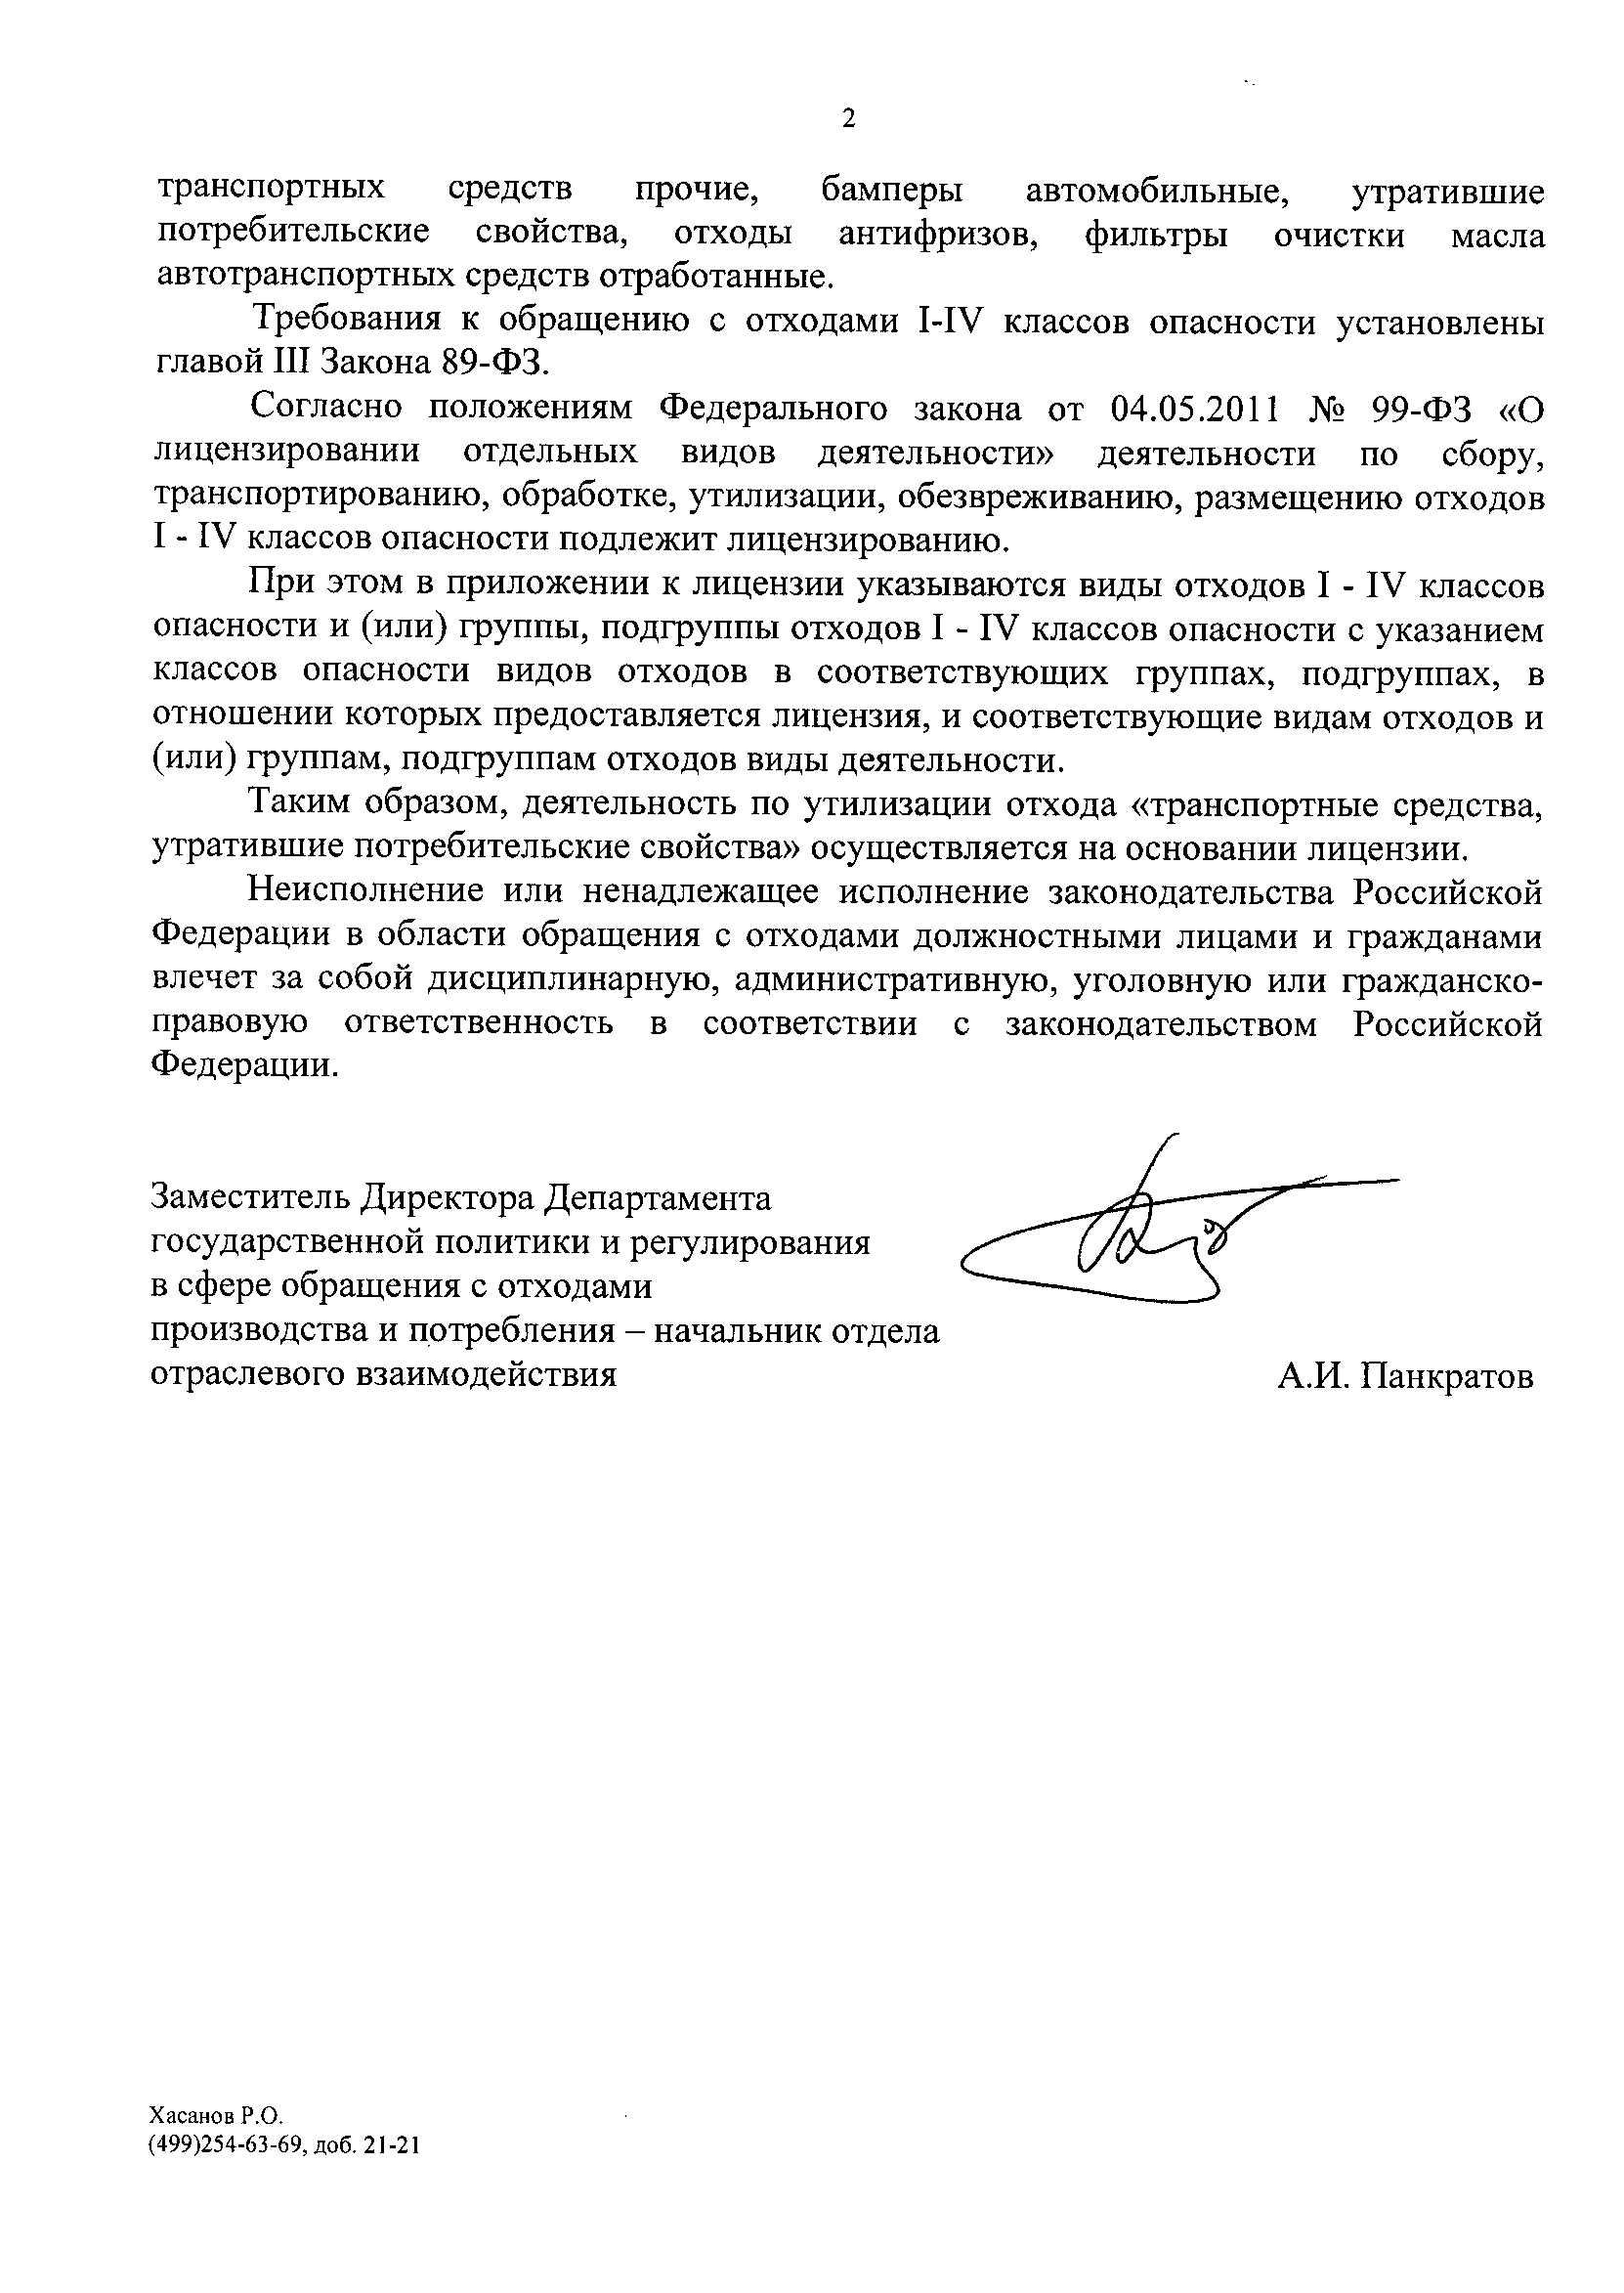 Ответ на обращение по вопросу регулирования деятельности в области обращения с отходами производства и потребления от Министерства природных ресурсов РФ (стр.2)